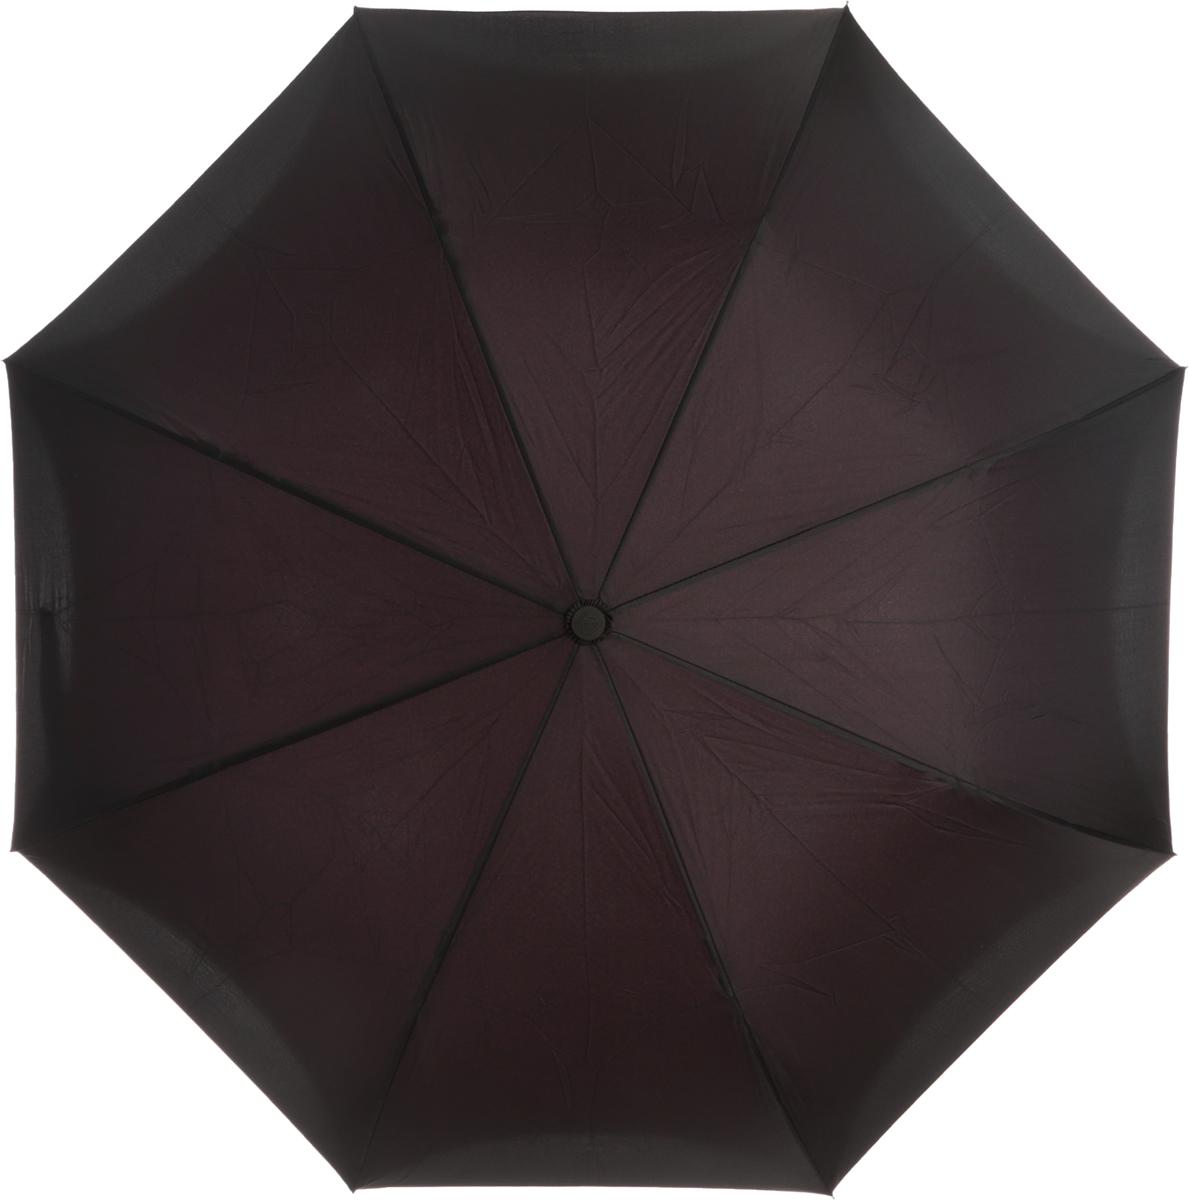 Зонт-трость женский Flioraj, механика, цвет: розовый. 120004 FJКолье (короткие одноярусные бусы)Оригинальный зонт-трость Flioraj надежно защитит вас от дождя. Зонт складывается внутренней (сухой) стороной наружу, избавляя владельца от контакта с мокрой поверхностью. Приходя в незнакомое место у Вас не будет неловкого момента от того, что некуда убрать мокрый зонт - Вы сможете спокойно высушить его позже, закончив свои дела. Зонт Miracle очень удобен для автомобилистов: садясь в машину, Вы аккуратно закрываете зонт, не уронив ни одной капли воды в салоне.Удобная ручка с гипоаллергенным покрытием Soft-Touch позволяет высвободить обе руки - Вы спокойно можете пользоваться телефоном, а зонт будет надежно держатьсяна Вашем запястье, защищая от капризов природы. Яркая расцветка и рисунок по внутренней части зонта поднимут Вам настроение! С таким зонтом больше ничто не испортит Ваших планов!